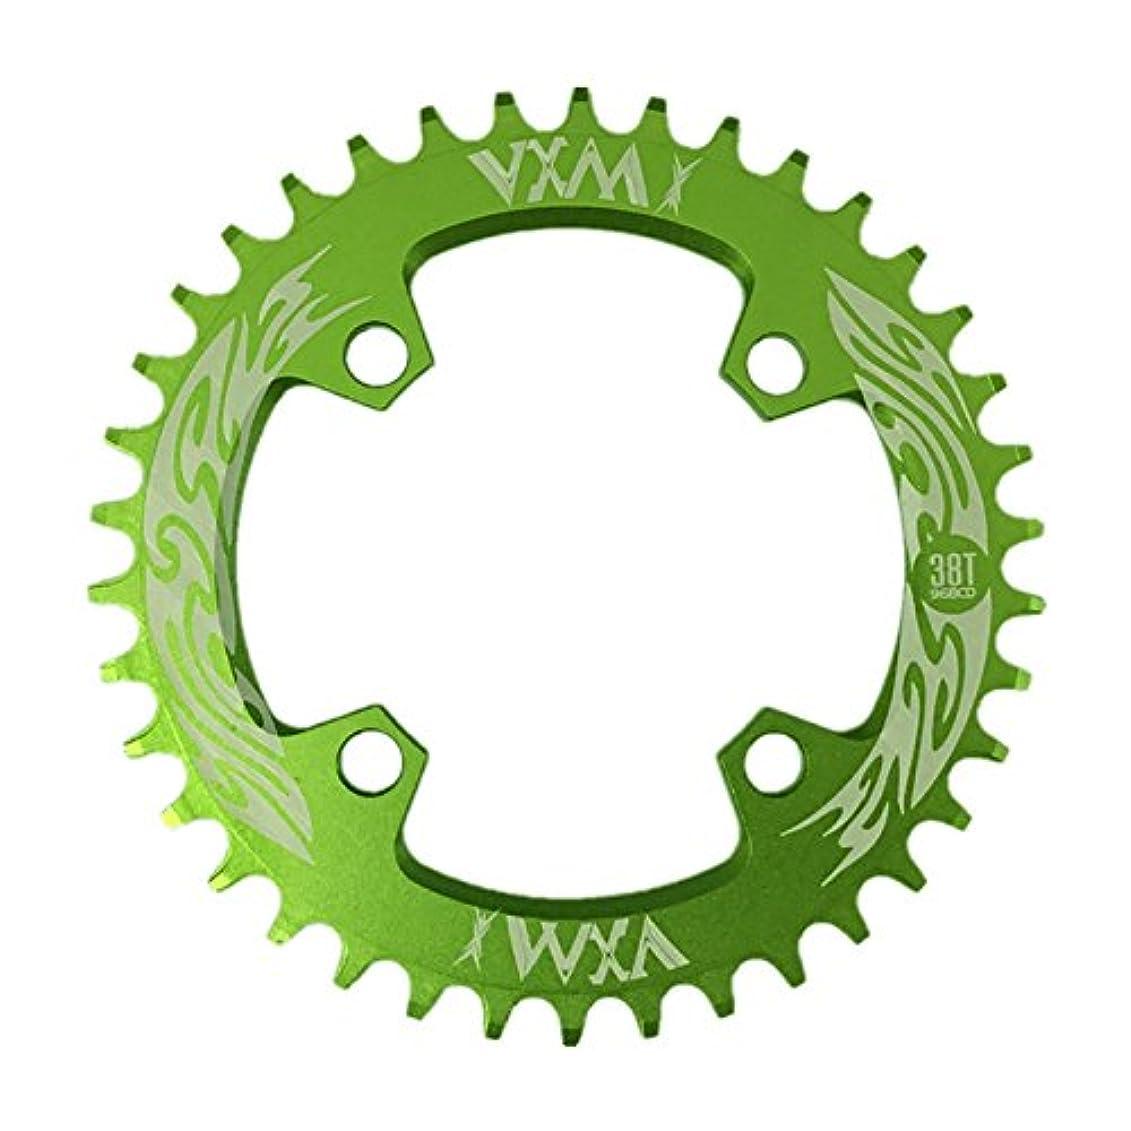 触覚福祉特異性Propenary - Bicycle Crank & Chainwheel 96BCD 38T Ultralight Alloy Bike Bicycle Narrow Wide Chainring Round Chainwheel Cycle Crankset [ Green ]